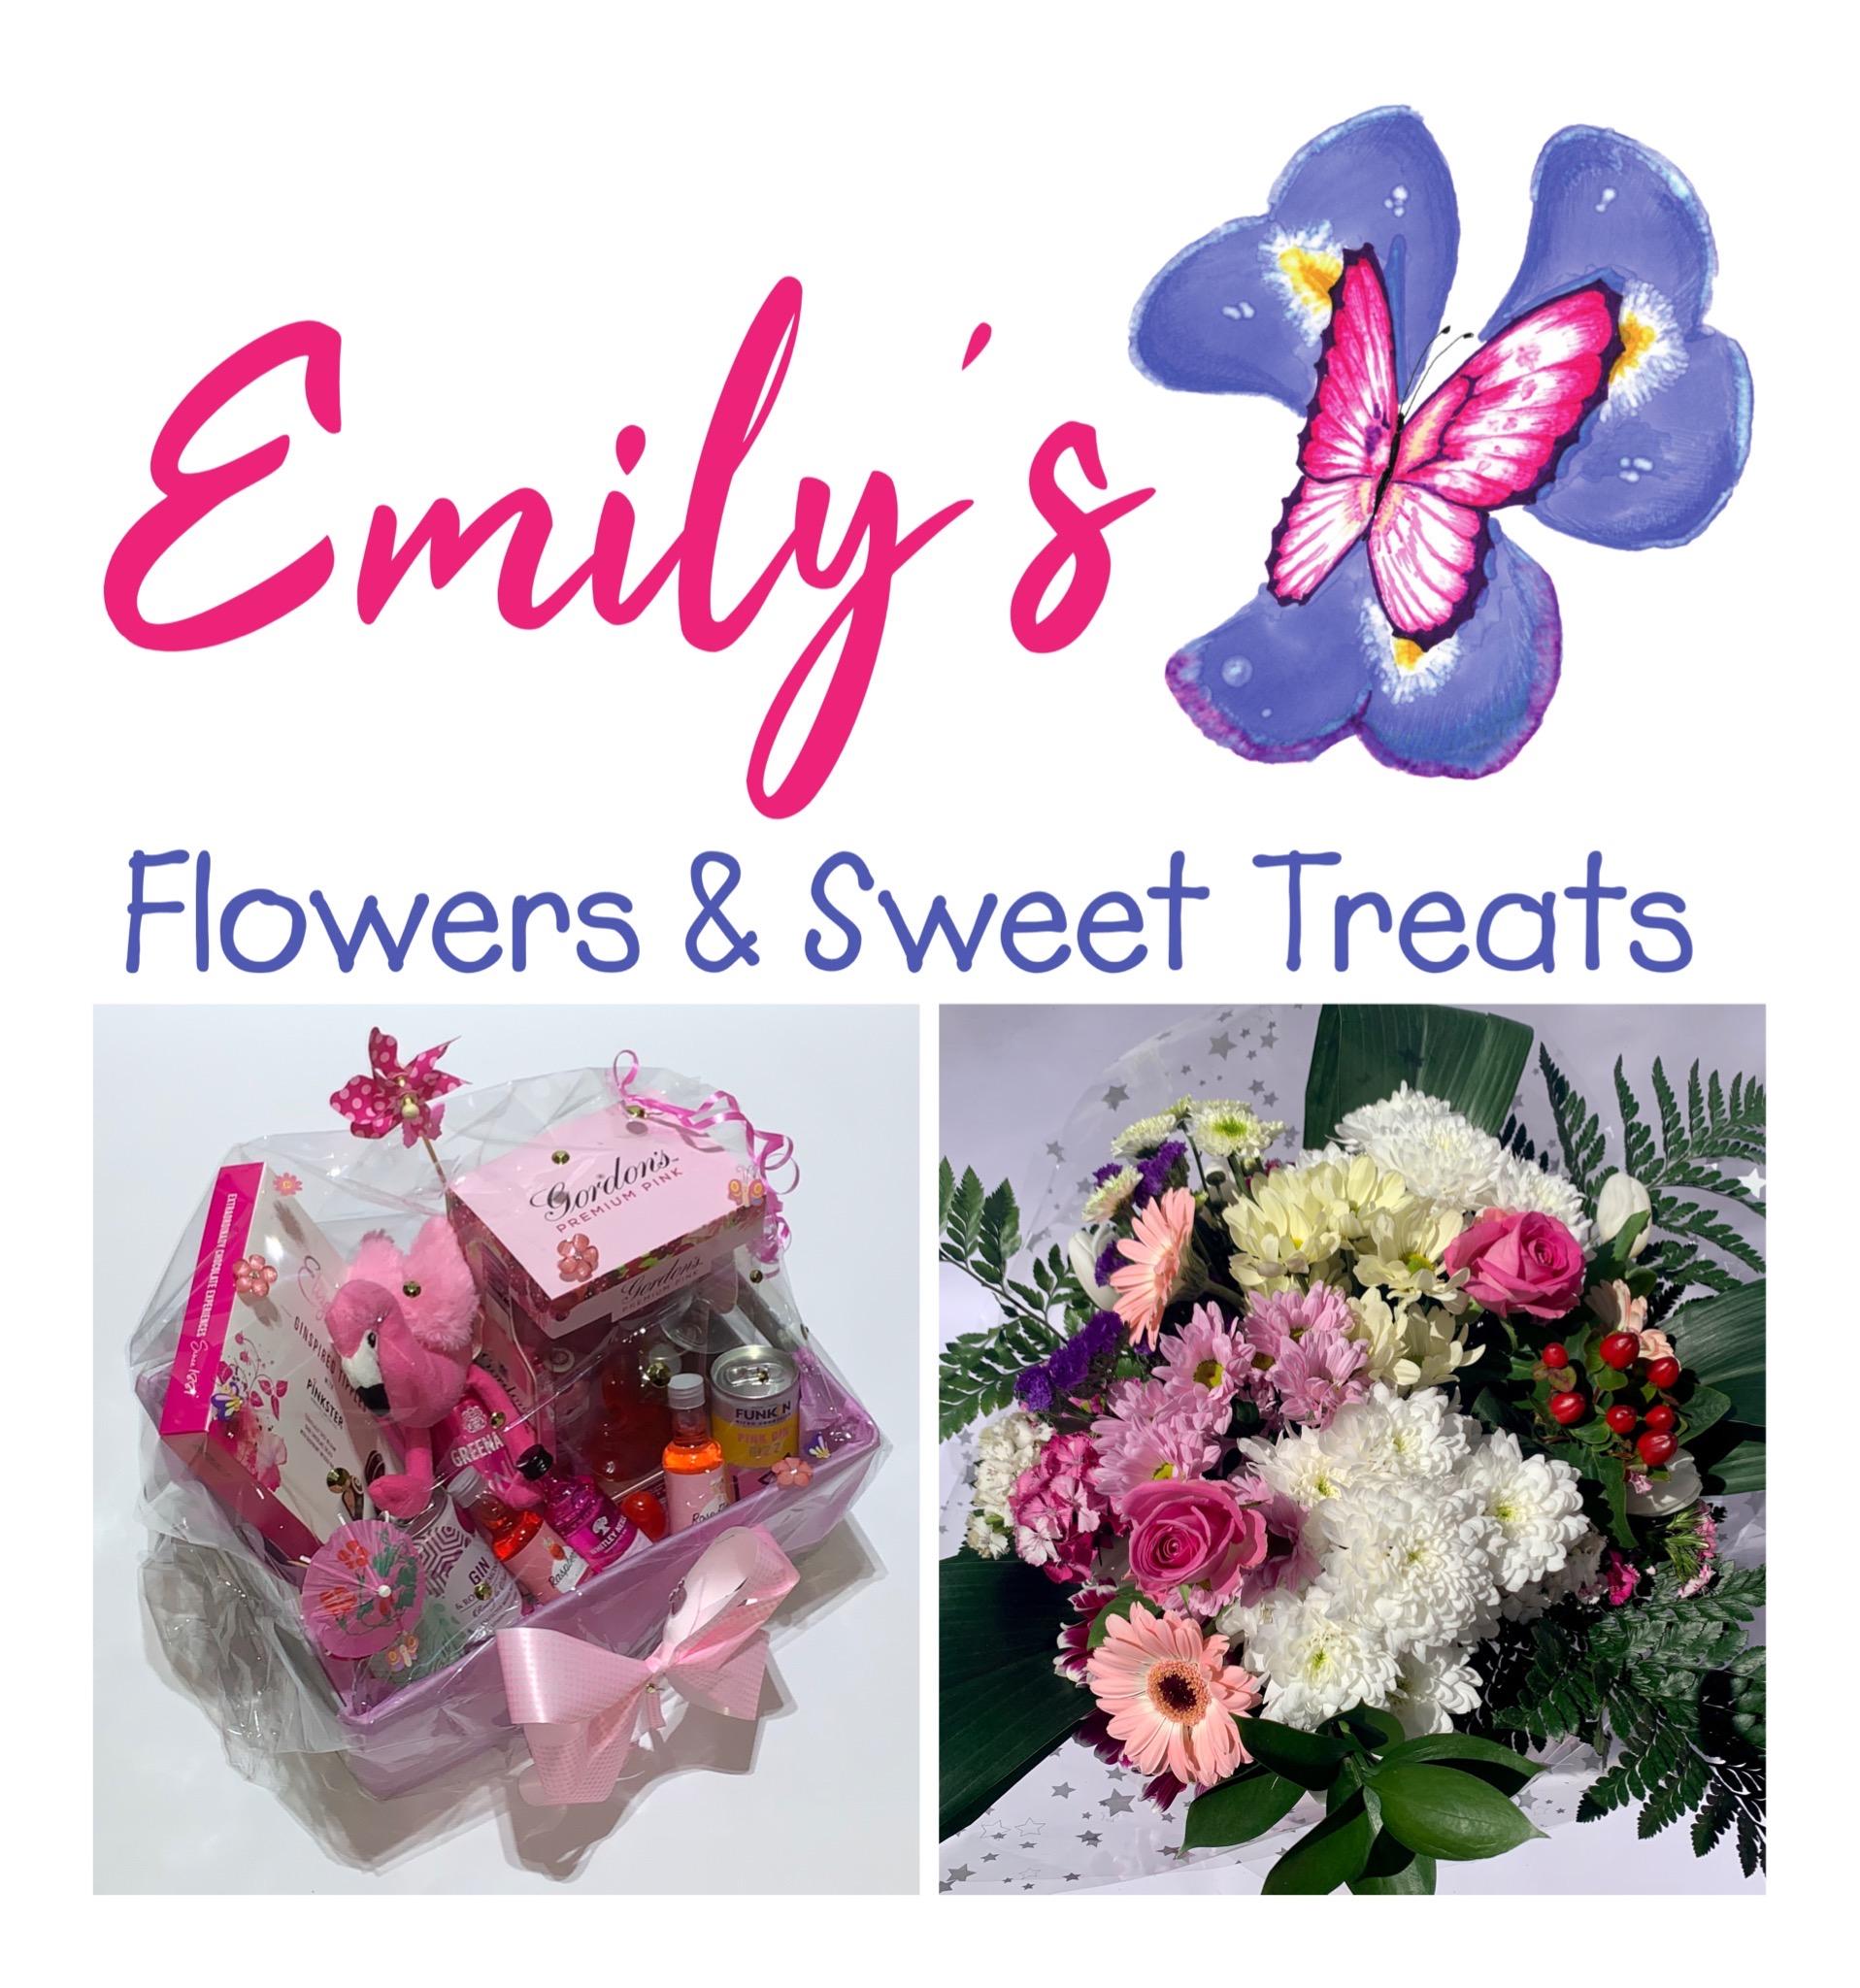 Emilys Flowers & Sweet Treats